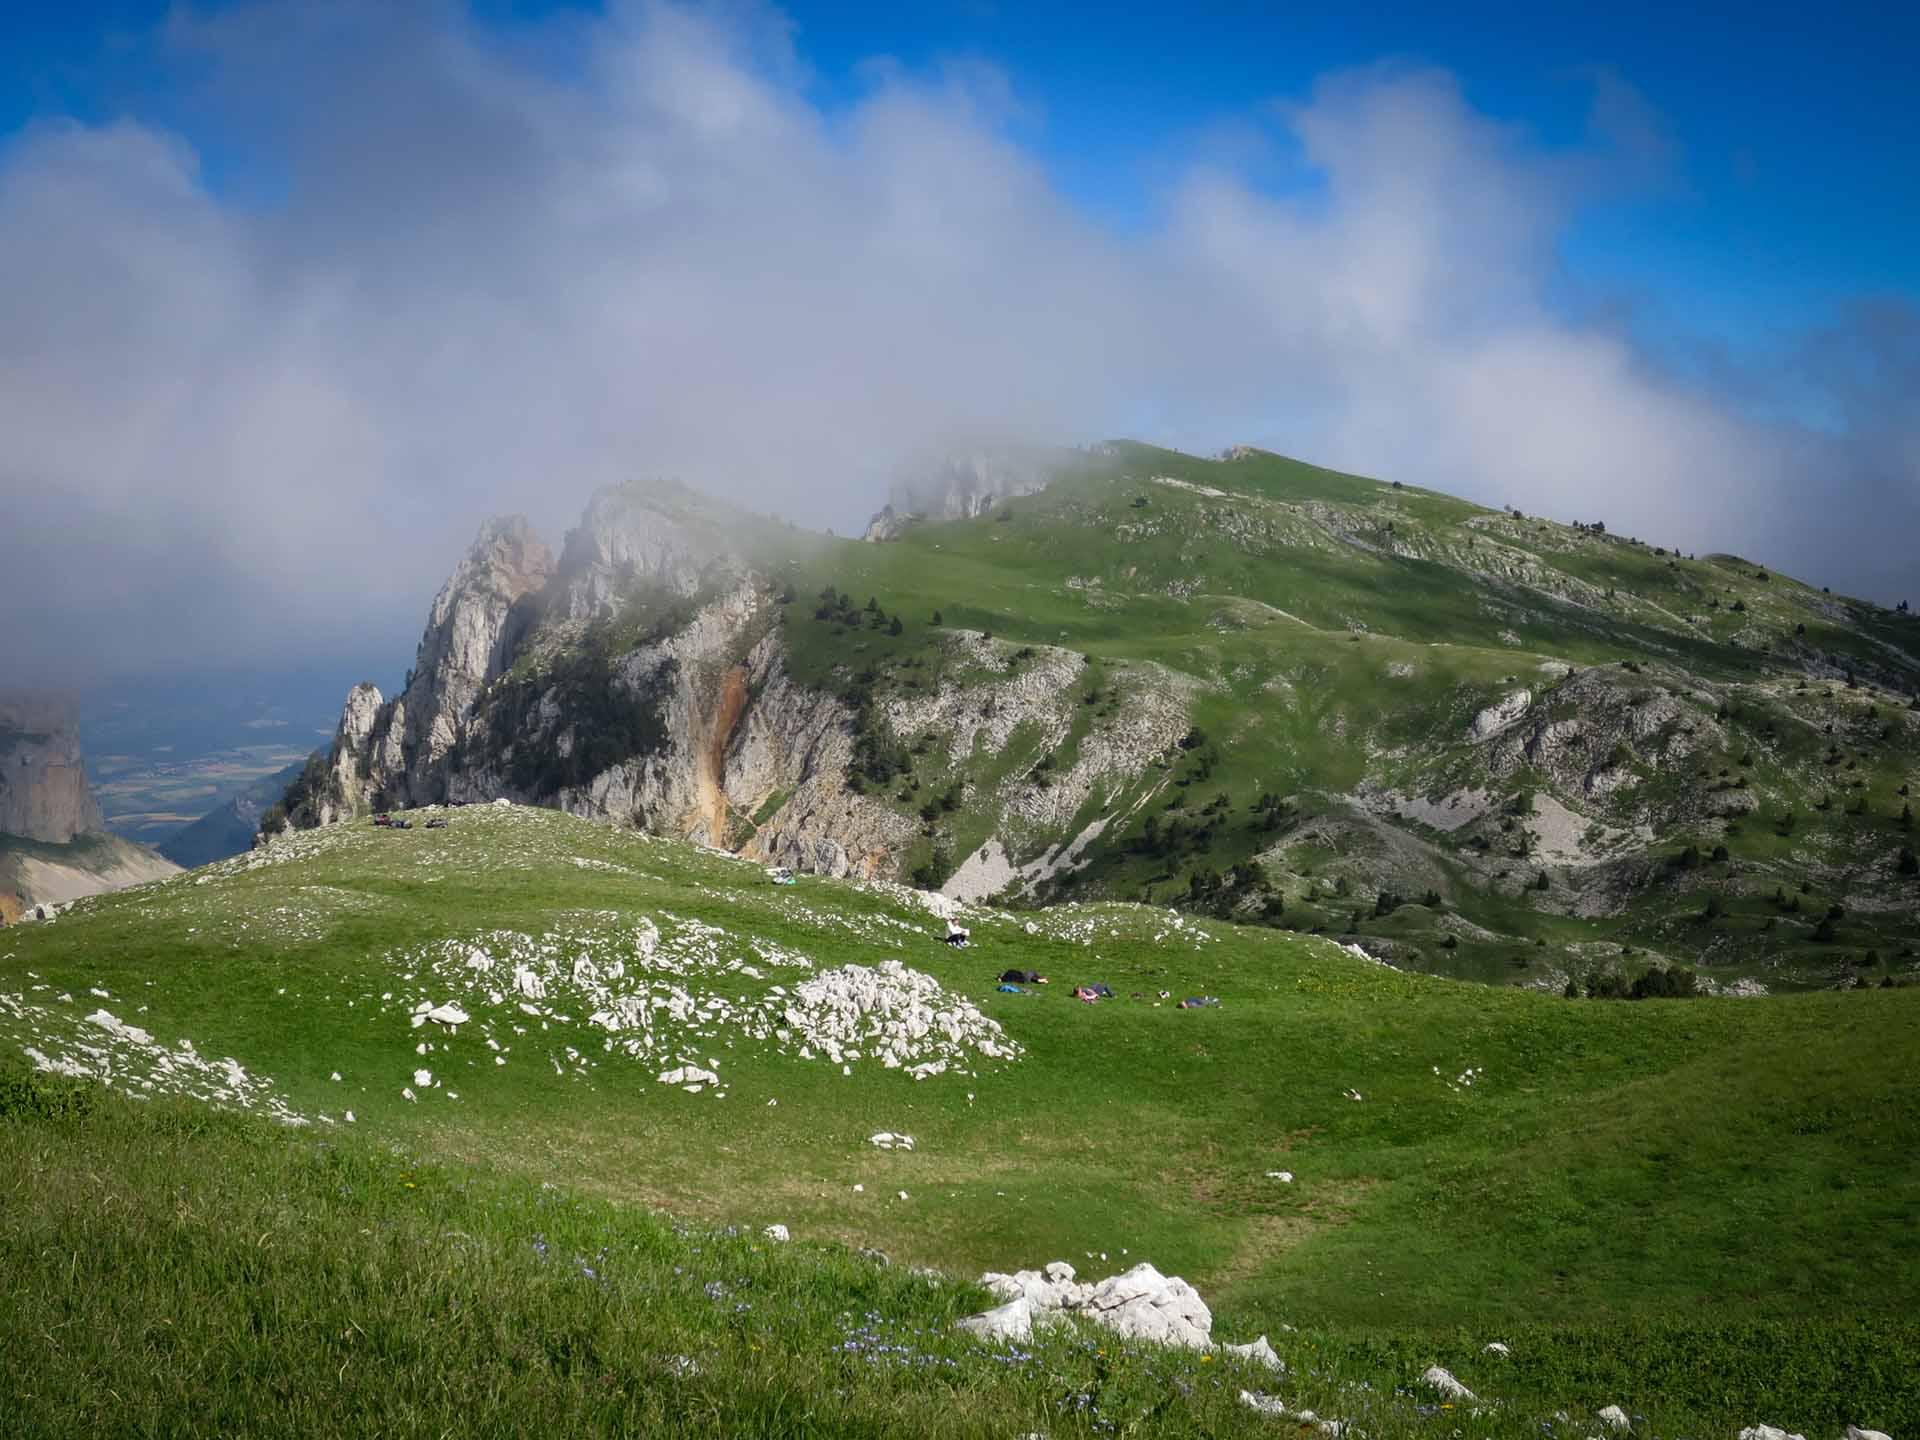 La Pause Bivouac Mont Aiguille Hauts Plateaux Vercors Itinerance Sejour Trek Tente Slow Rando